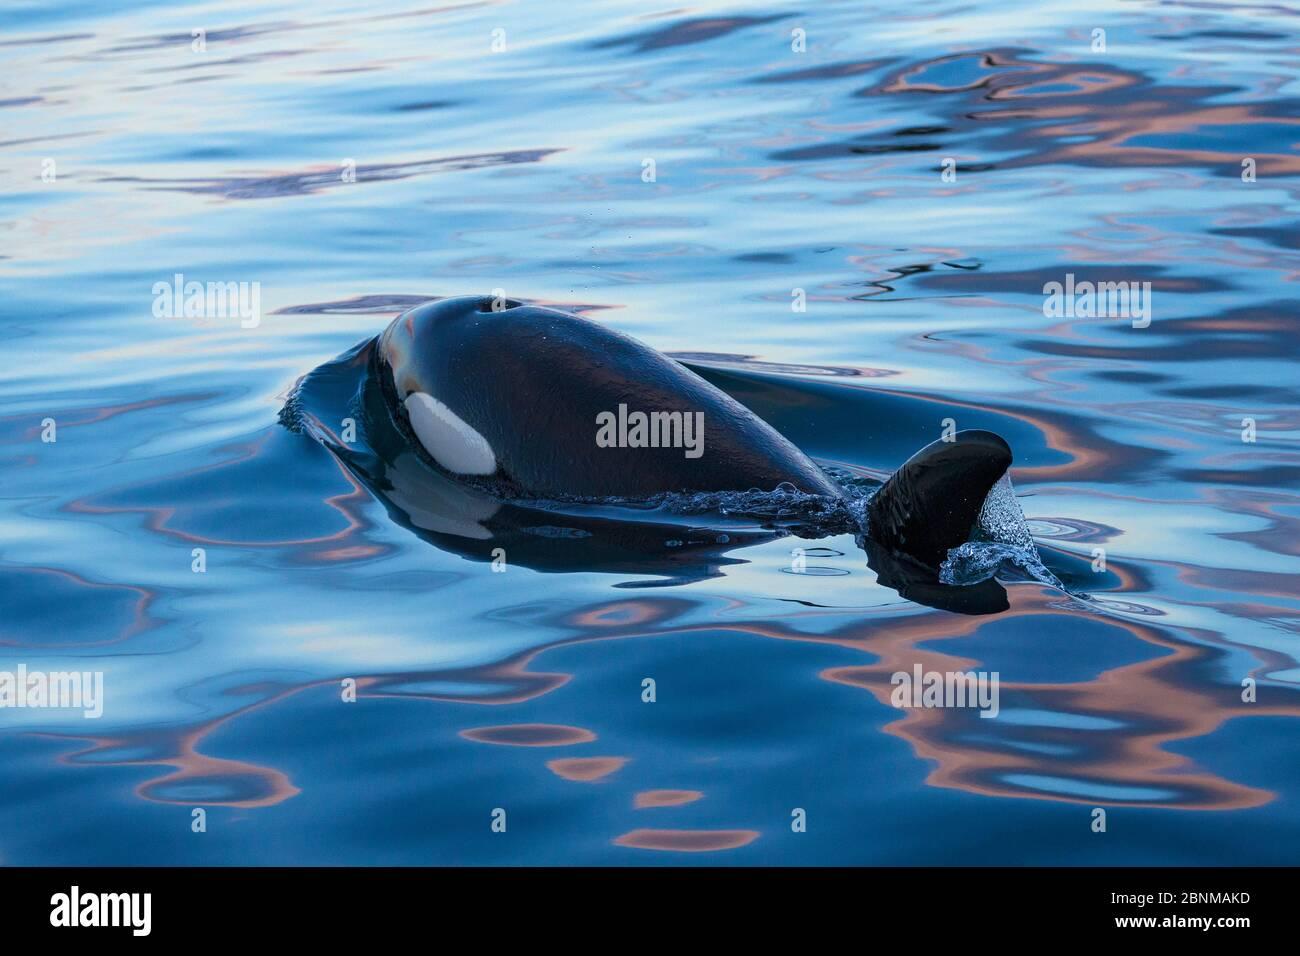 Type 1 North-East Atlantic Killer Whale / Orca (Orcinus orca) Surfacing, Snaefellsnes Peninsua, ouest de l'Islande, janvier Banque D'Images